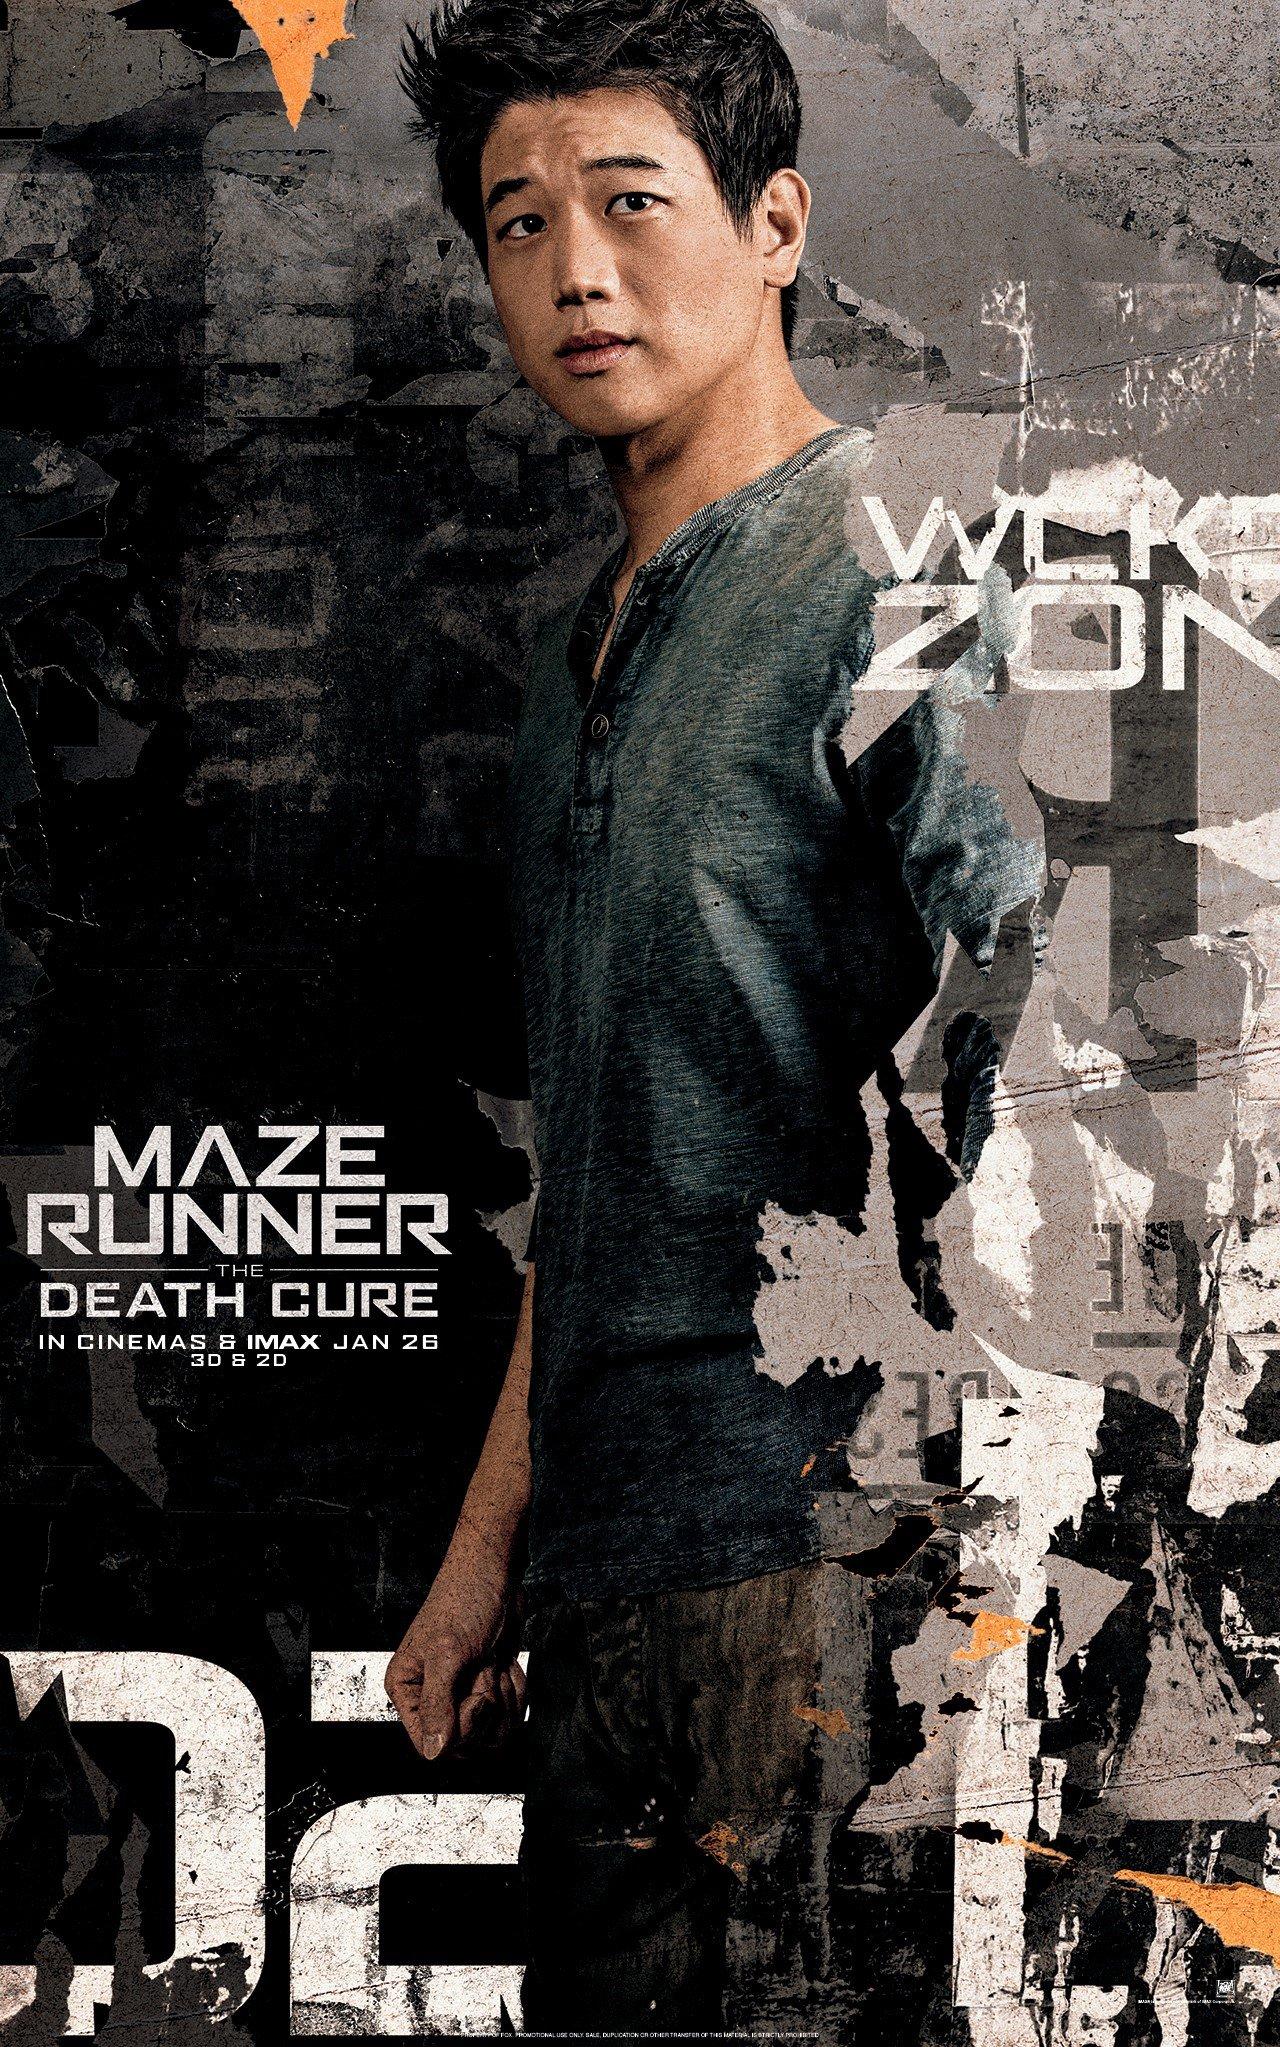 maze runner character banner 4